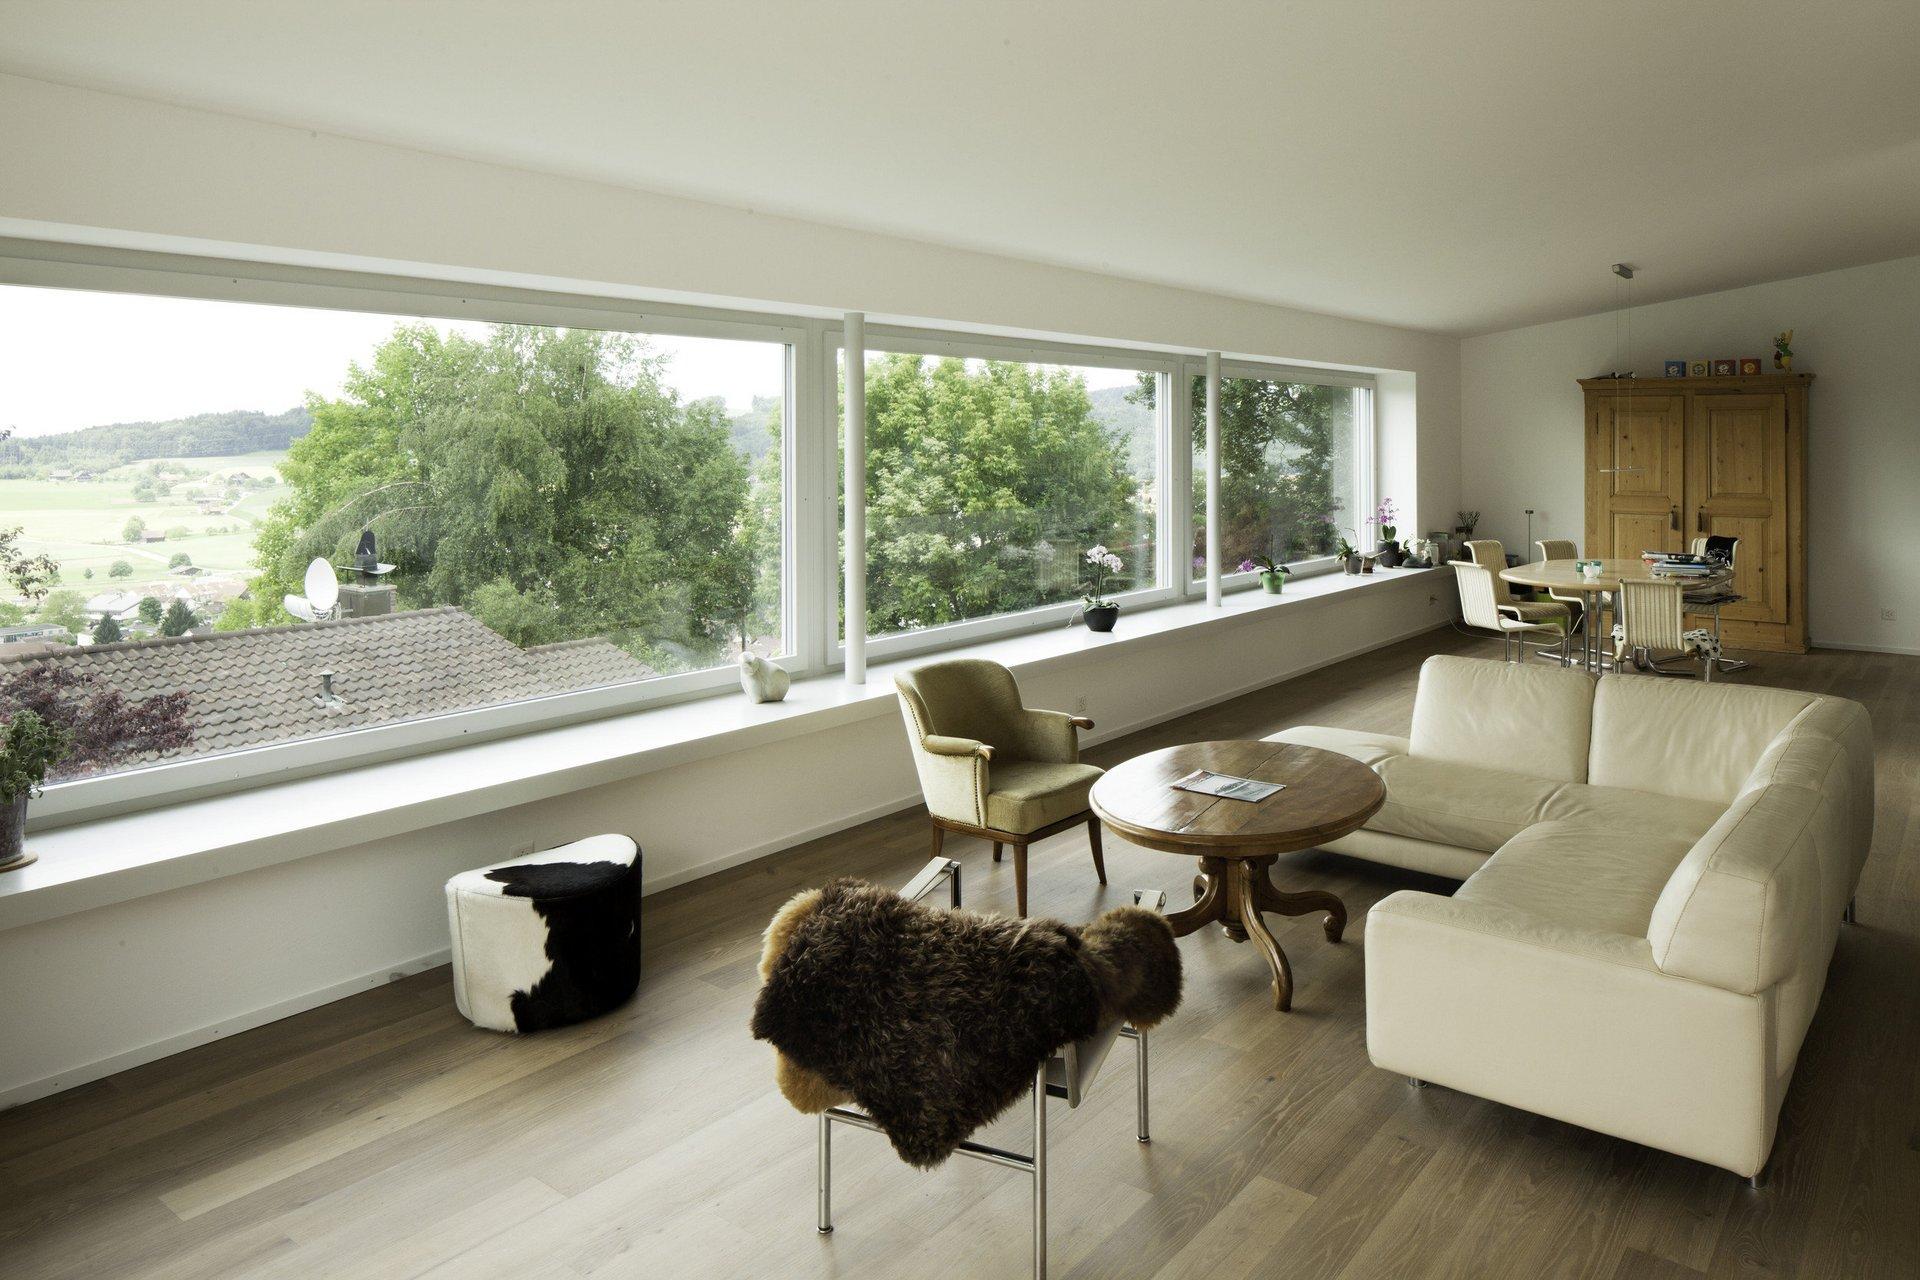 Lichtdurchflutetes Wohnzimmer mit 3 Einflügelfenster Vision 3000